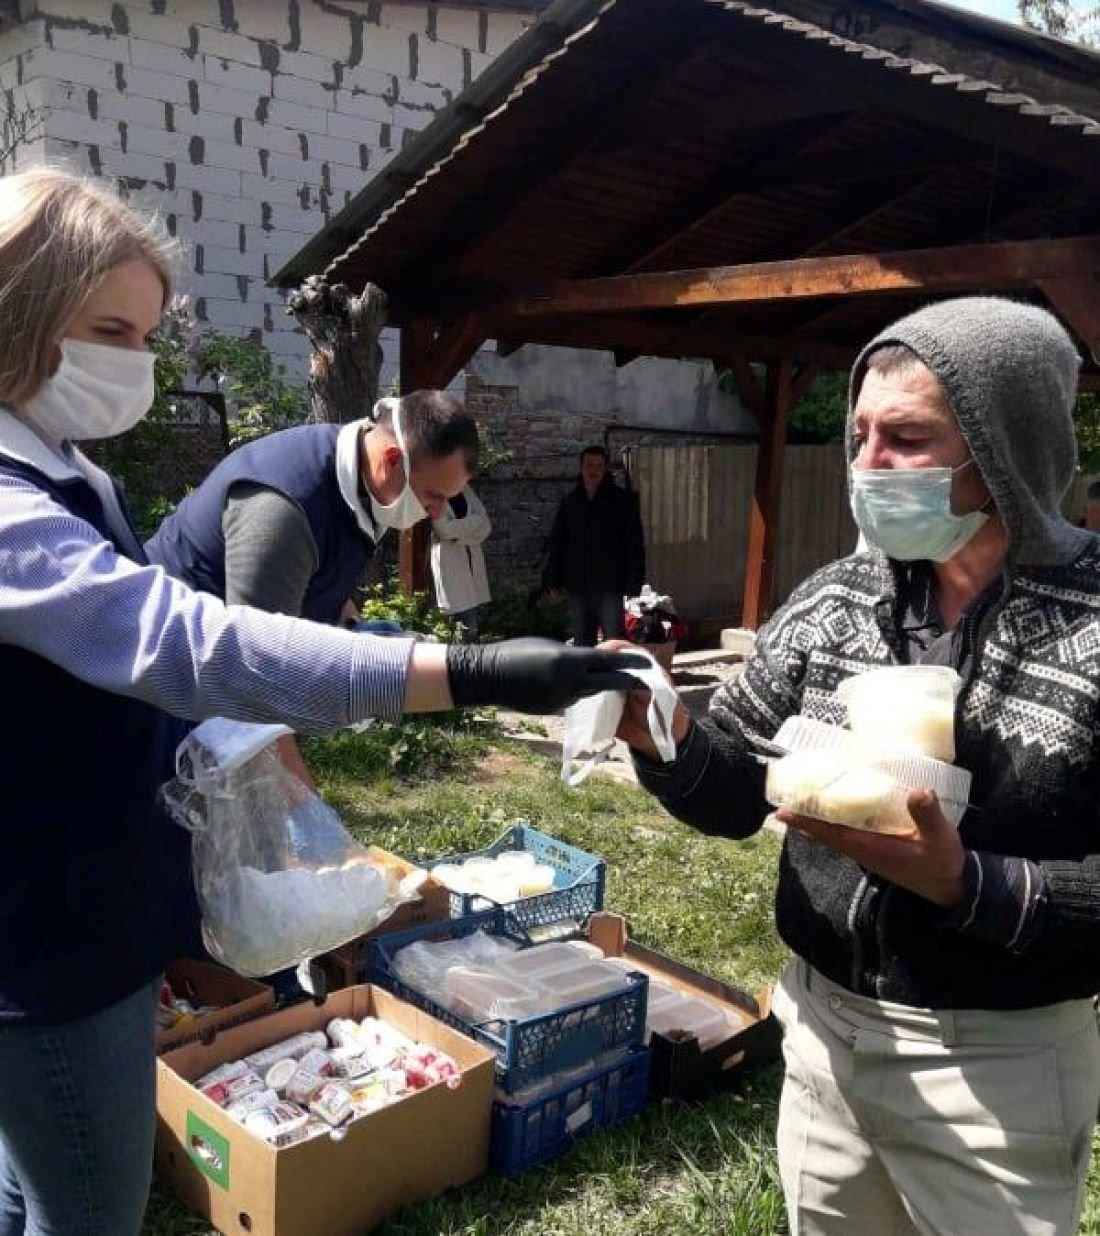 У Тернополі безхатькам продовжують роздавати безкоштовні обіди (ФОТО), фото-1